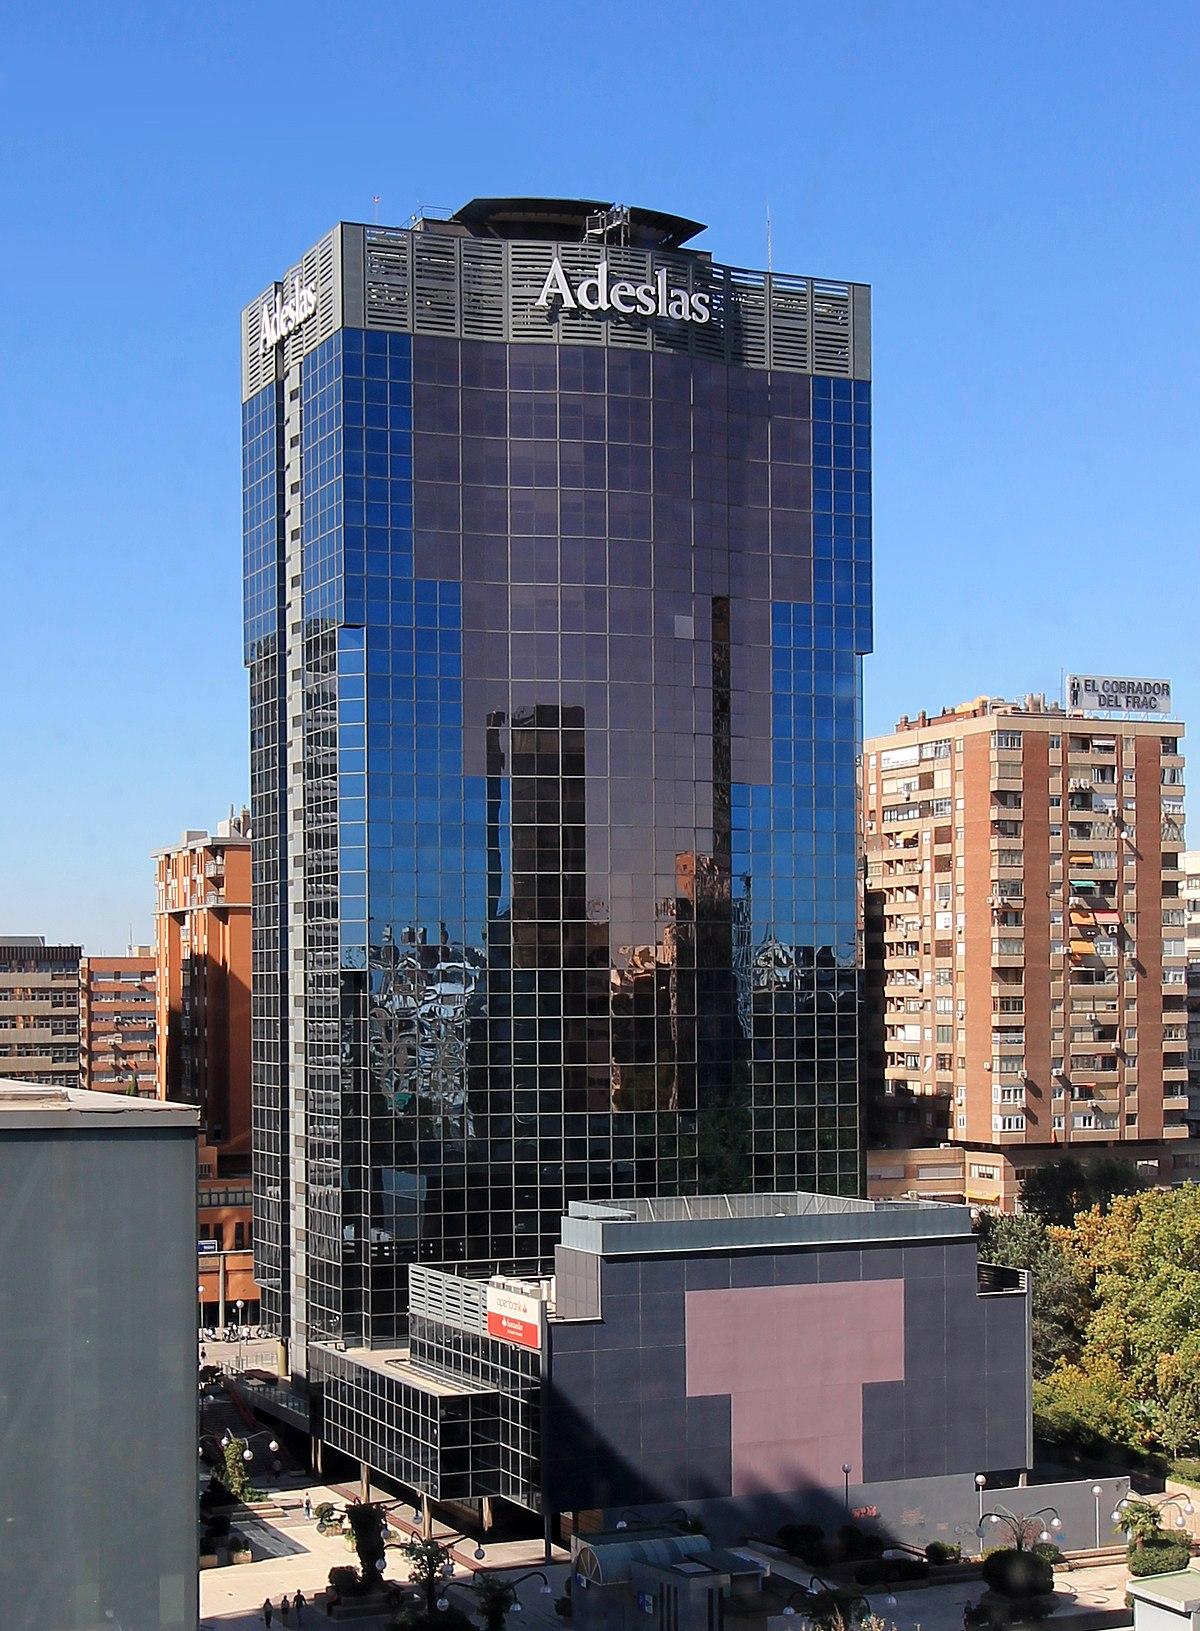 Torre mahou wikipedia la enciclopedia libre - Oficinas de adeslas en madrid ...